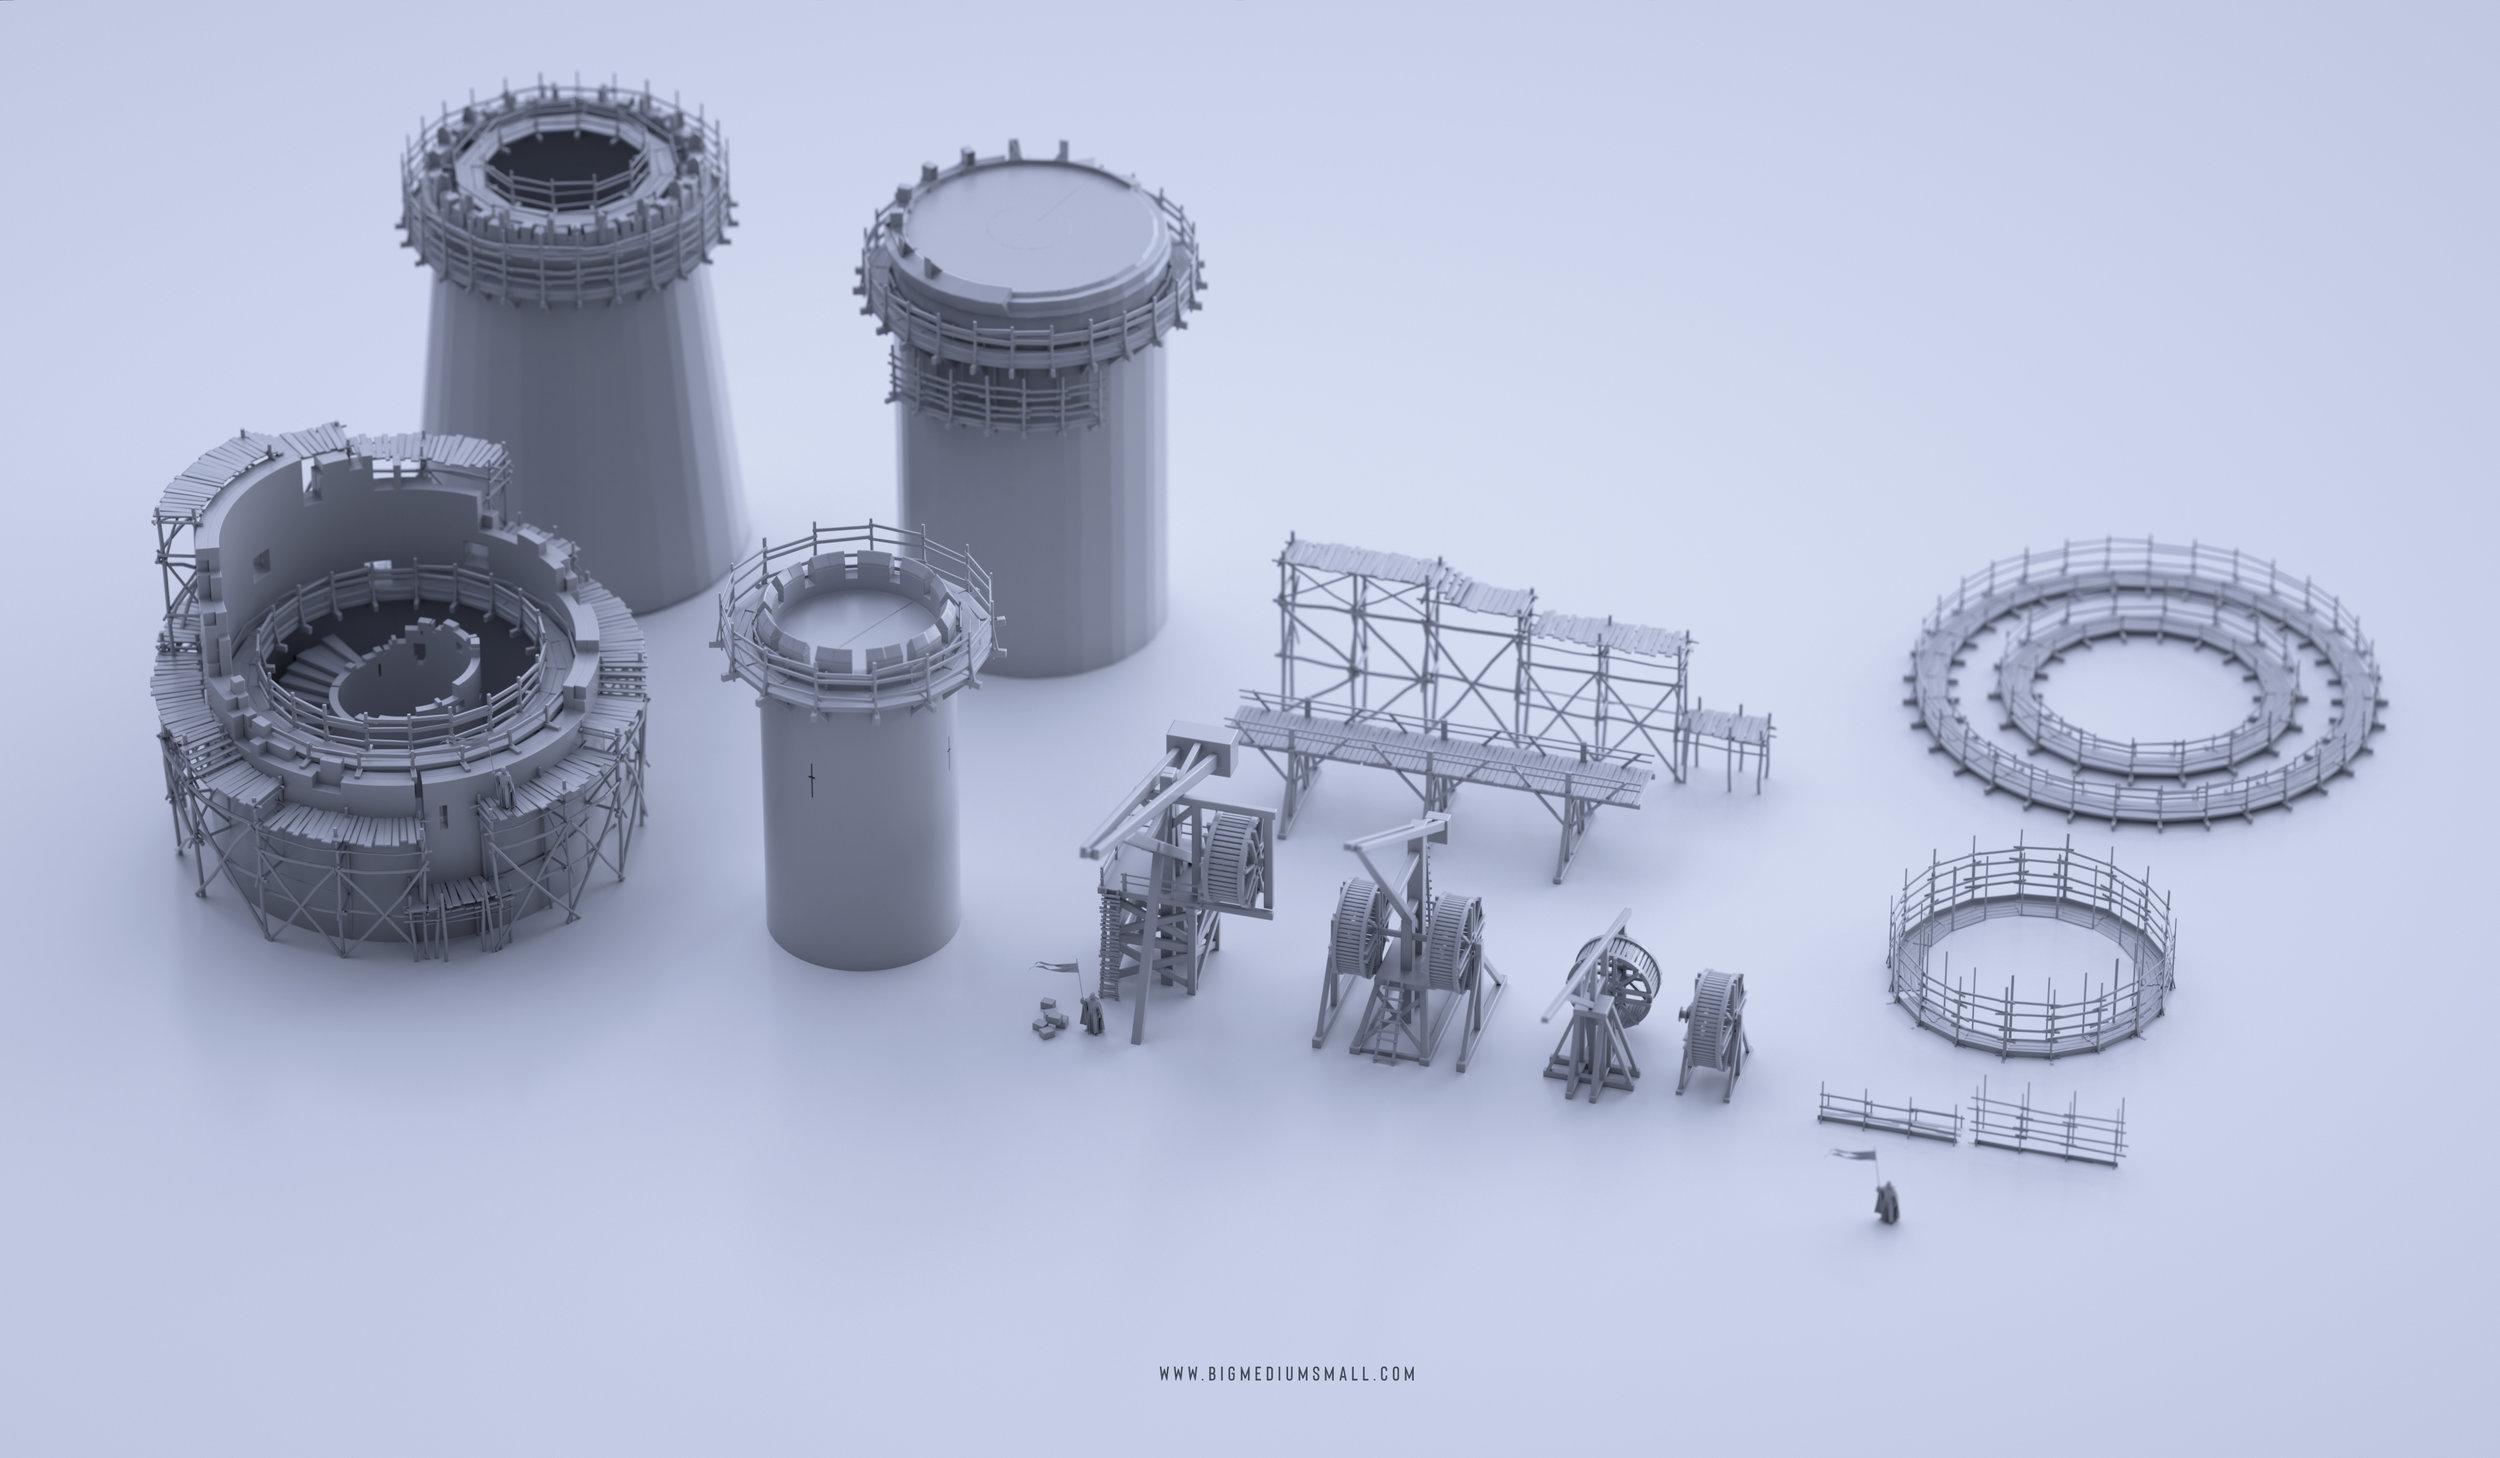 assets1.jpg